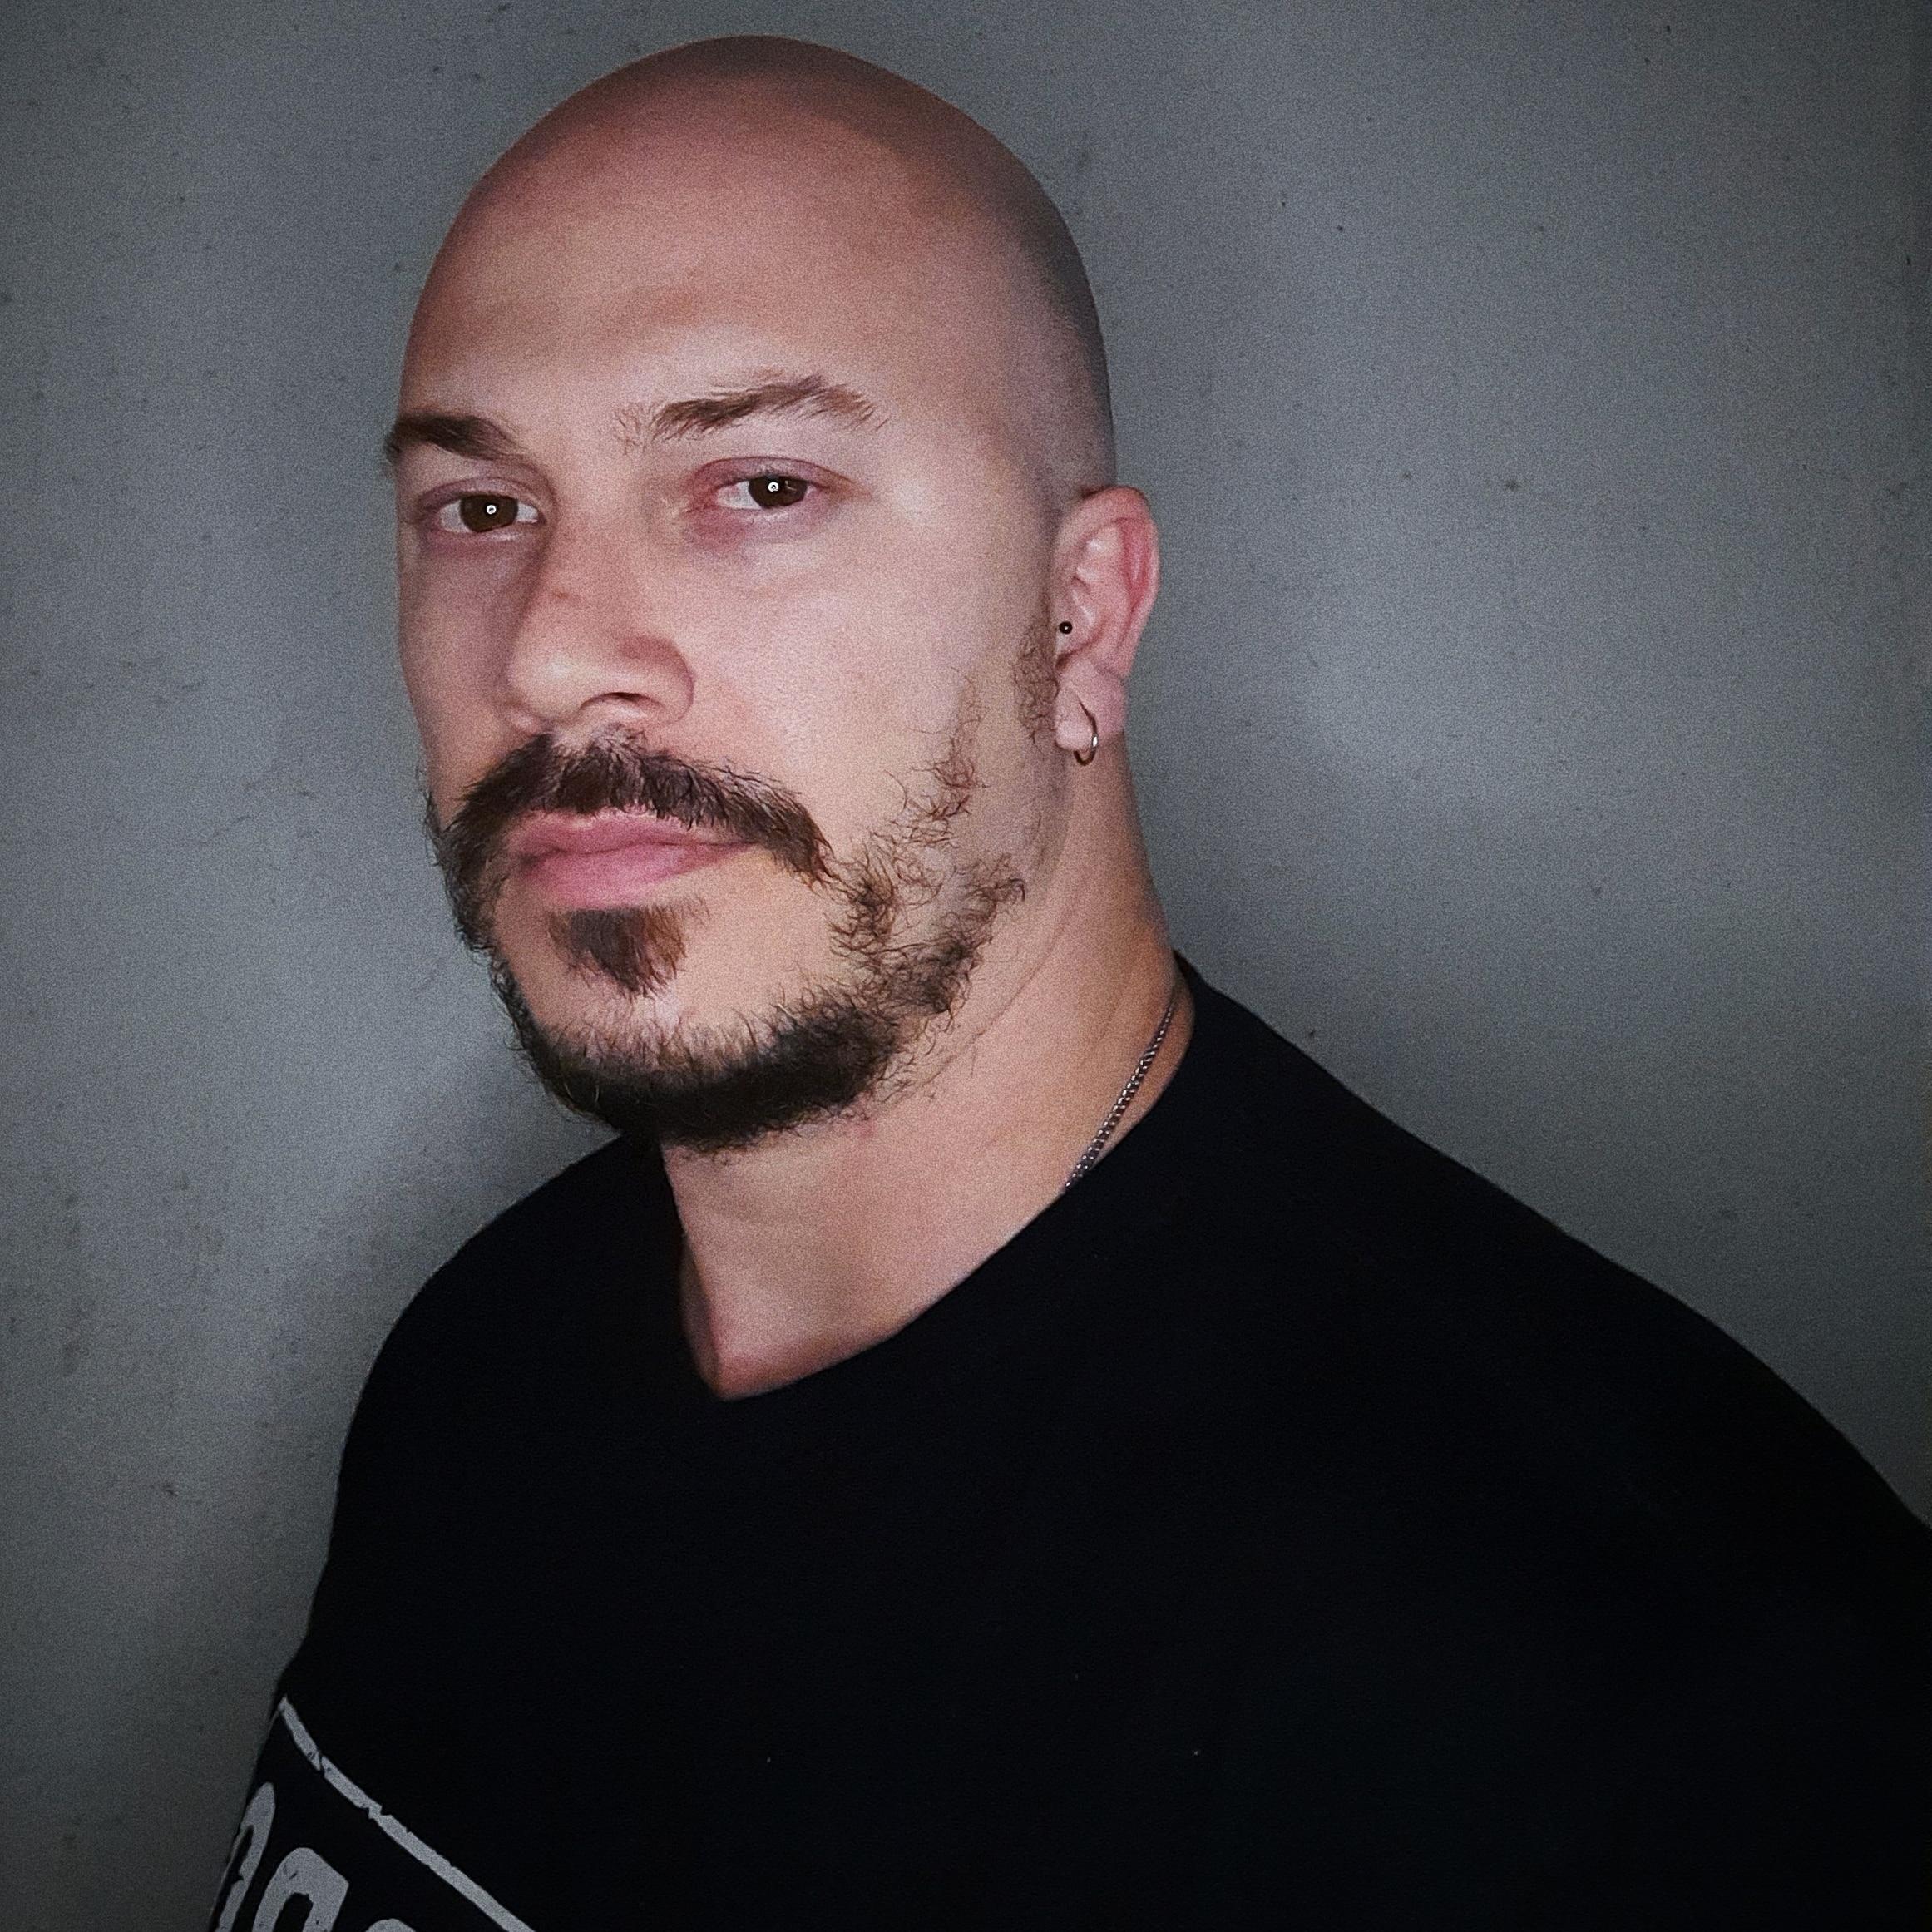 Felipe Manso